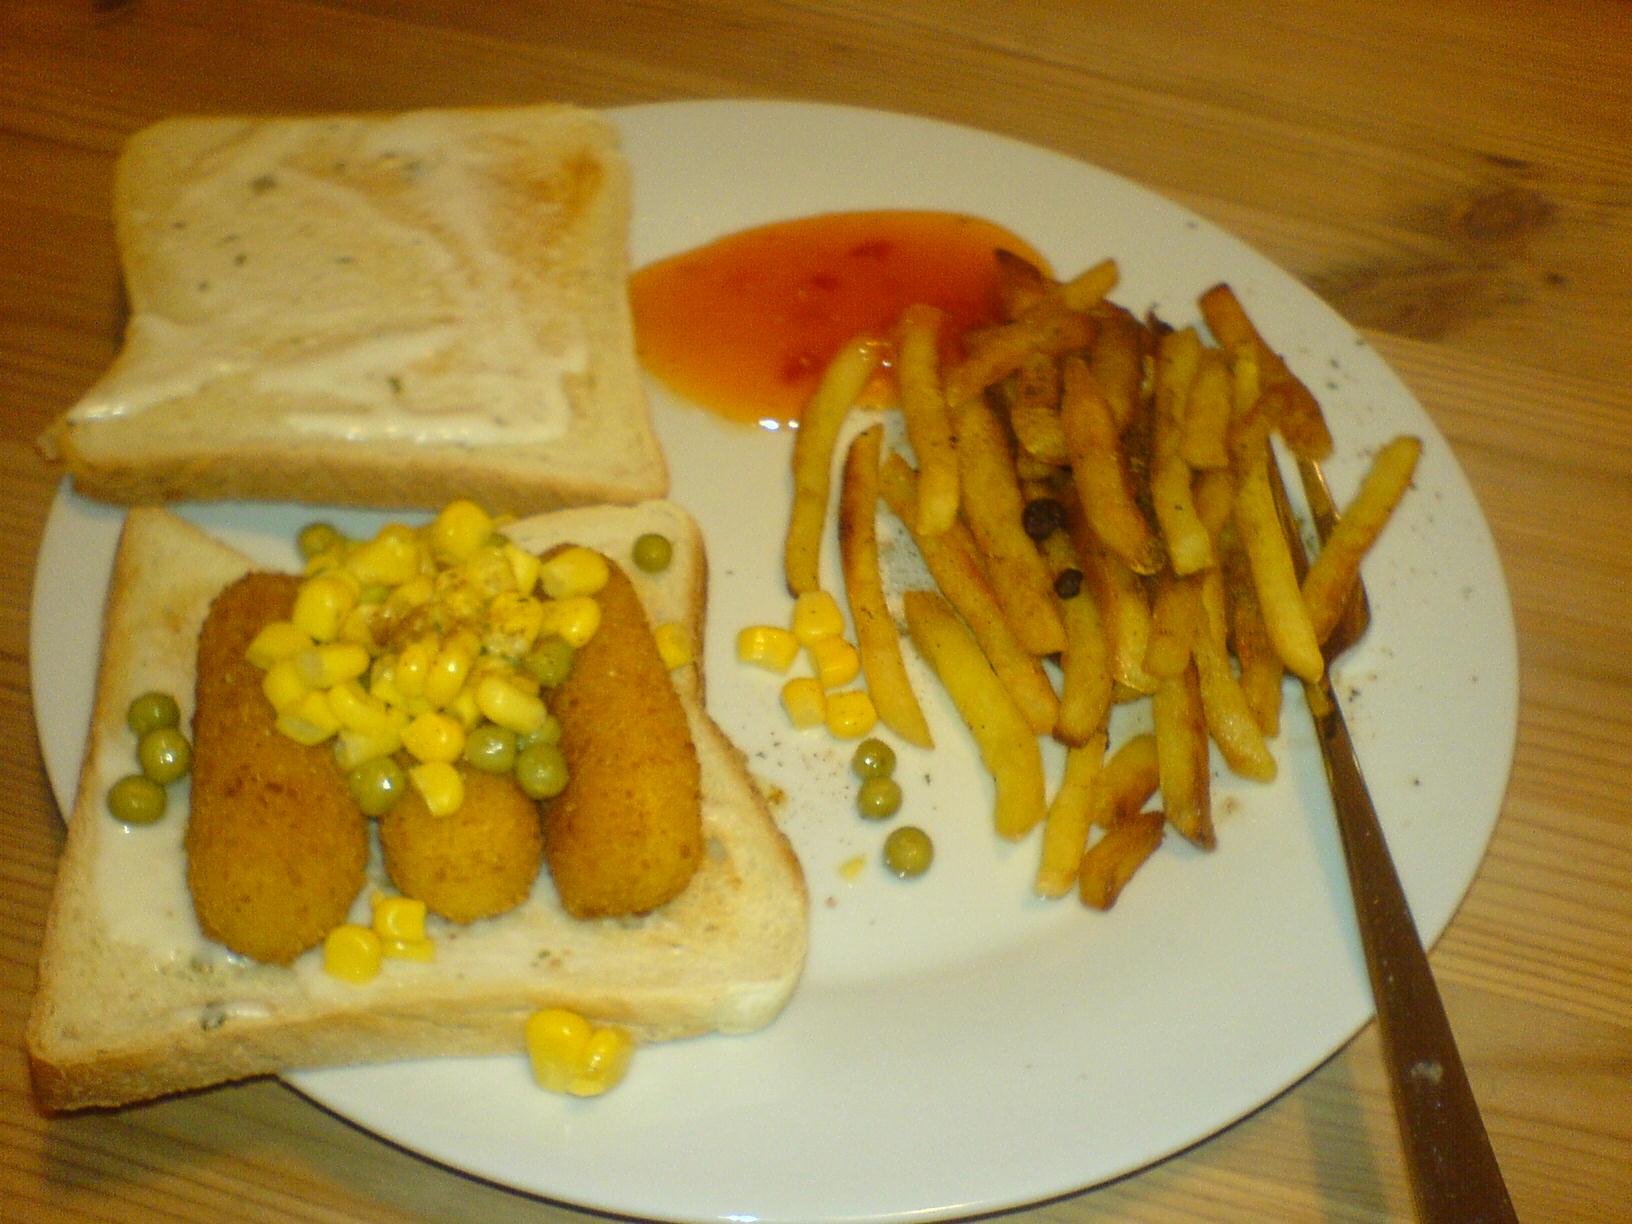 https://foodloader.net/Holz_2009-05-30_Frischkaese-Sticks_auf_Toast_mit_Pommes.jpg